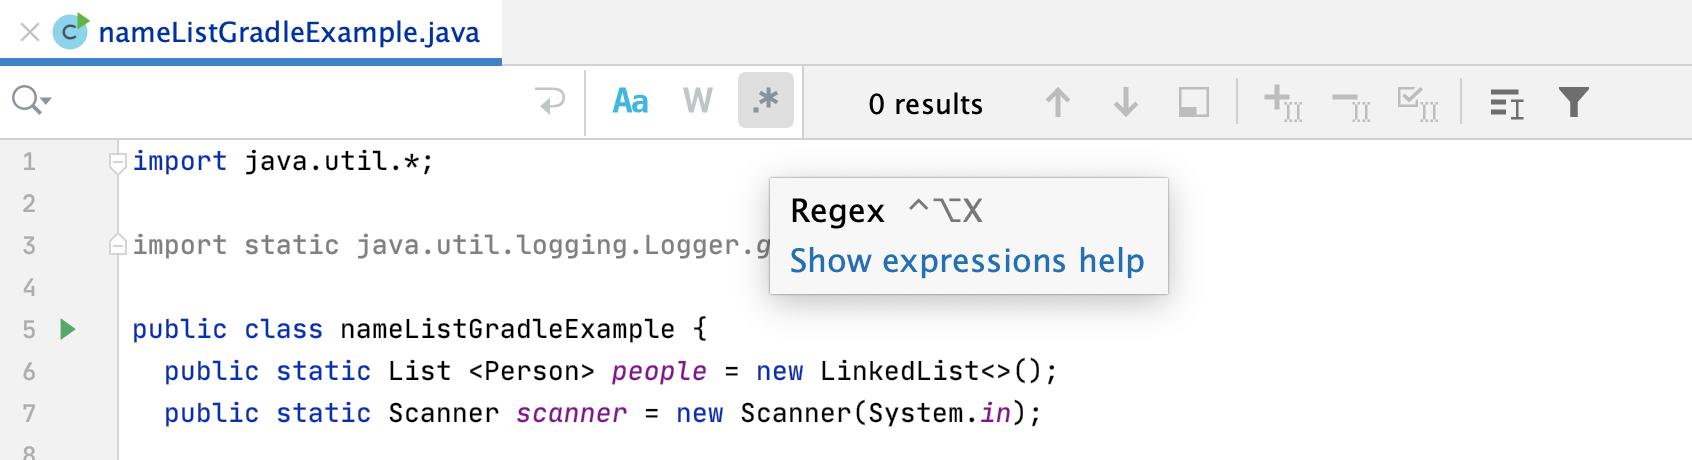 Regex icon